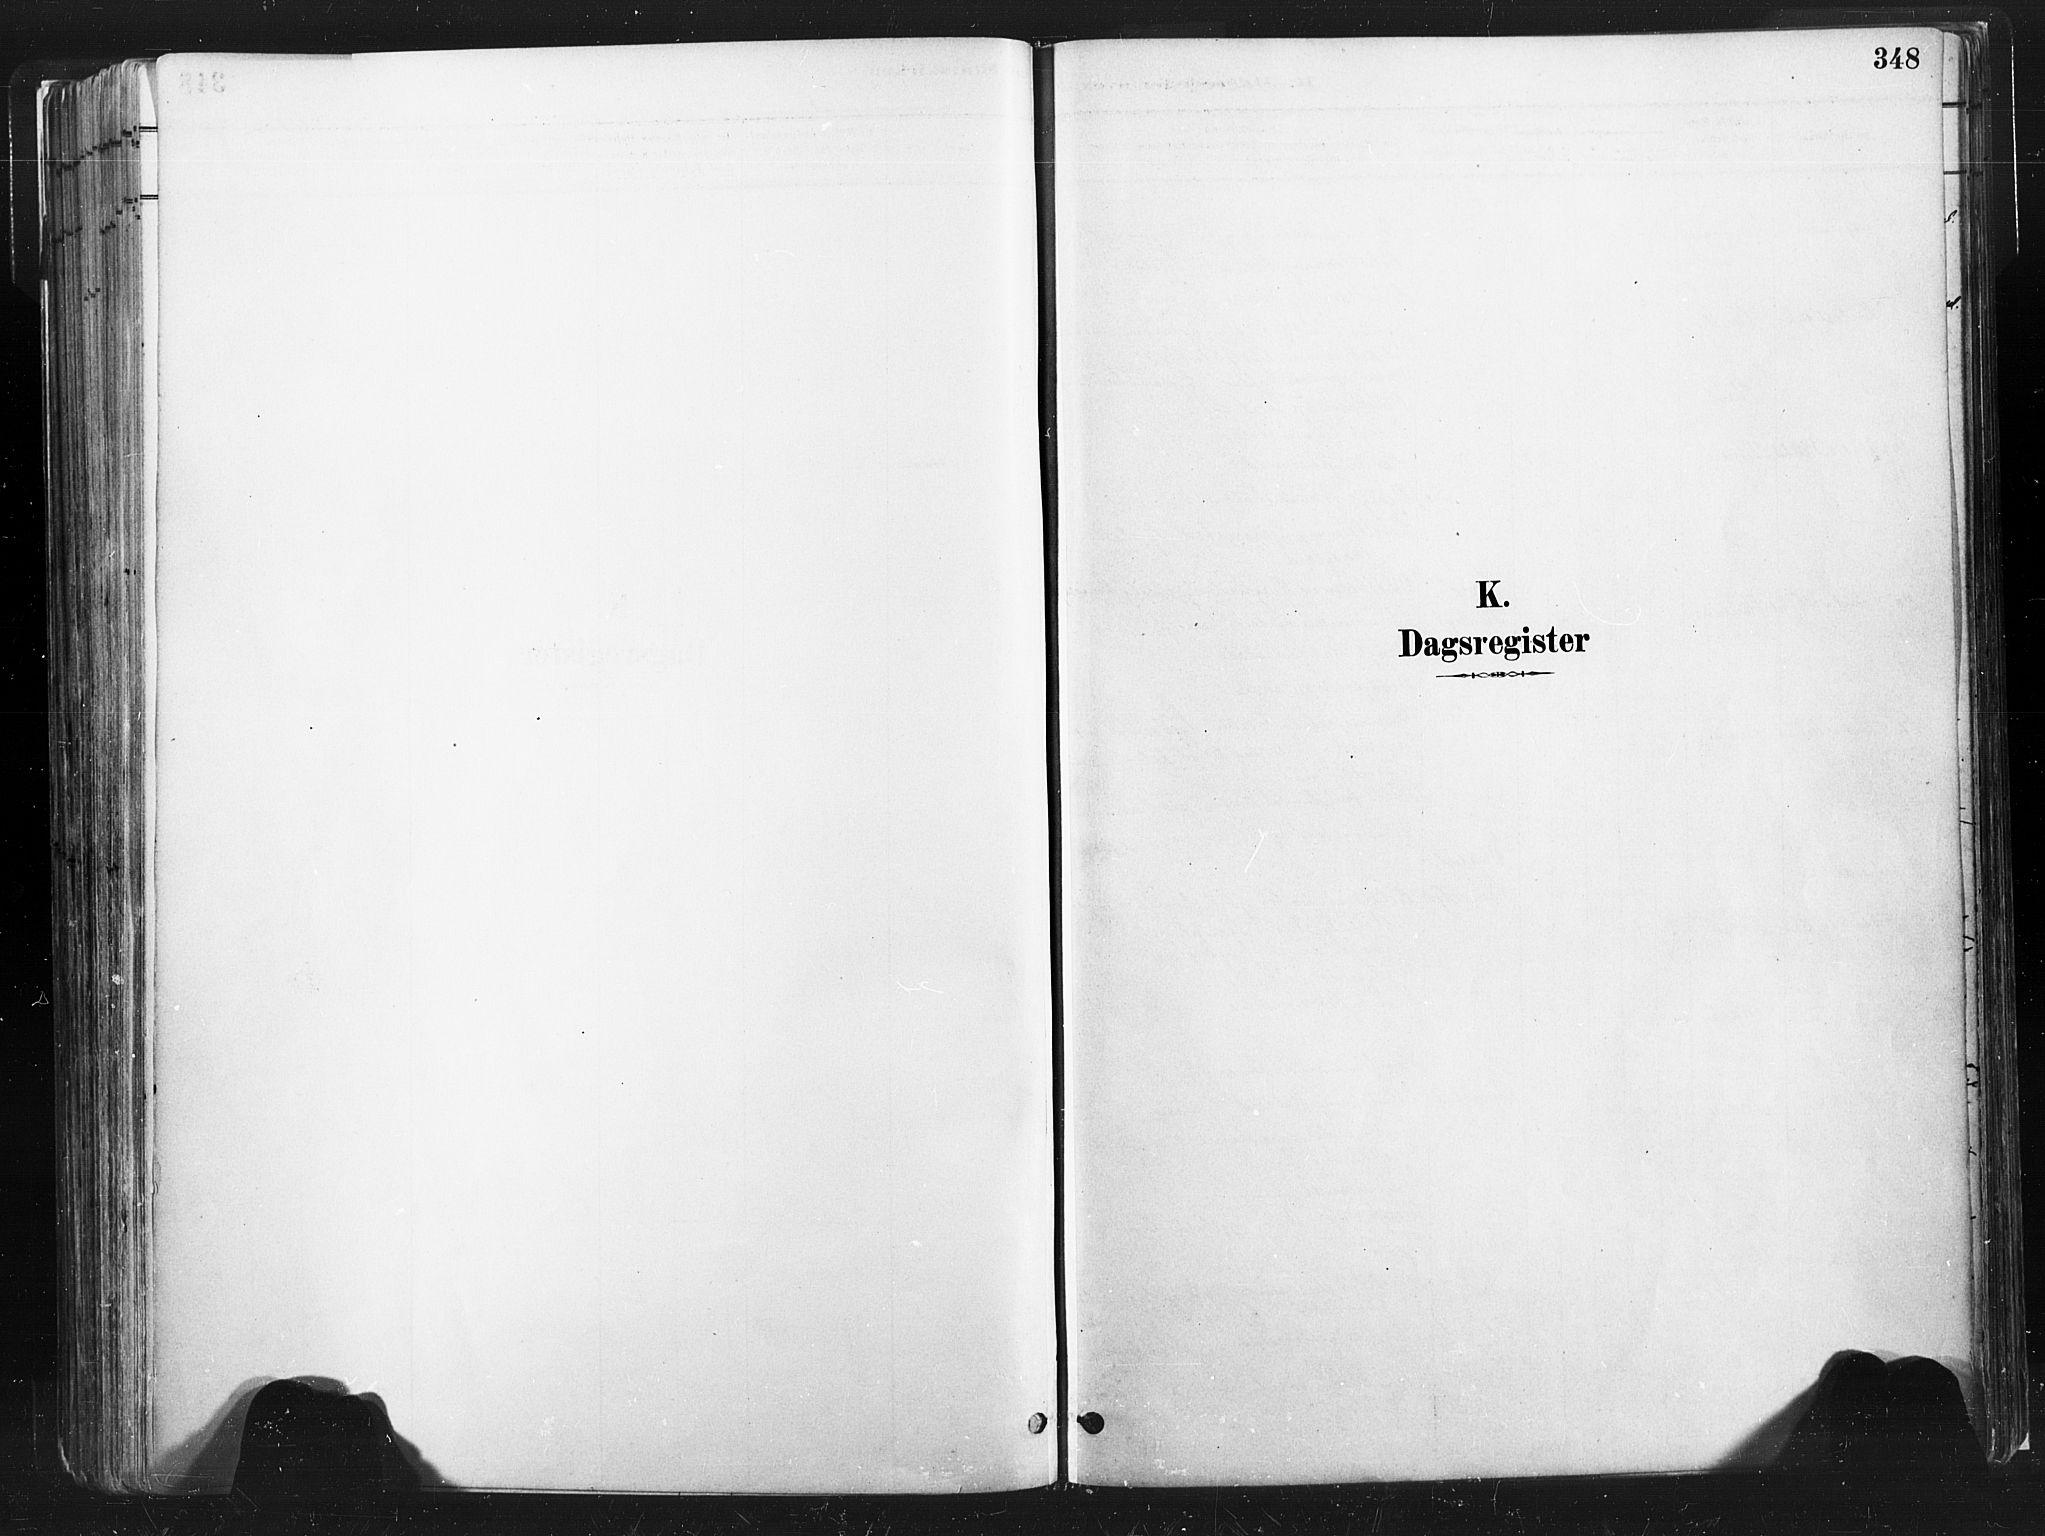 SAT, Ministerialprotokoller, klokkerbøker og fødselsregistre - Nord-Trøndelag, 735/L0351: Ministerialbok nr. 735A10, 1884-1908, s. 348